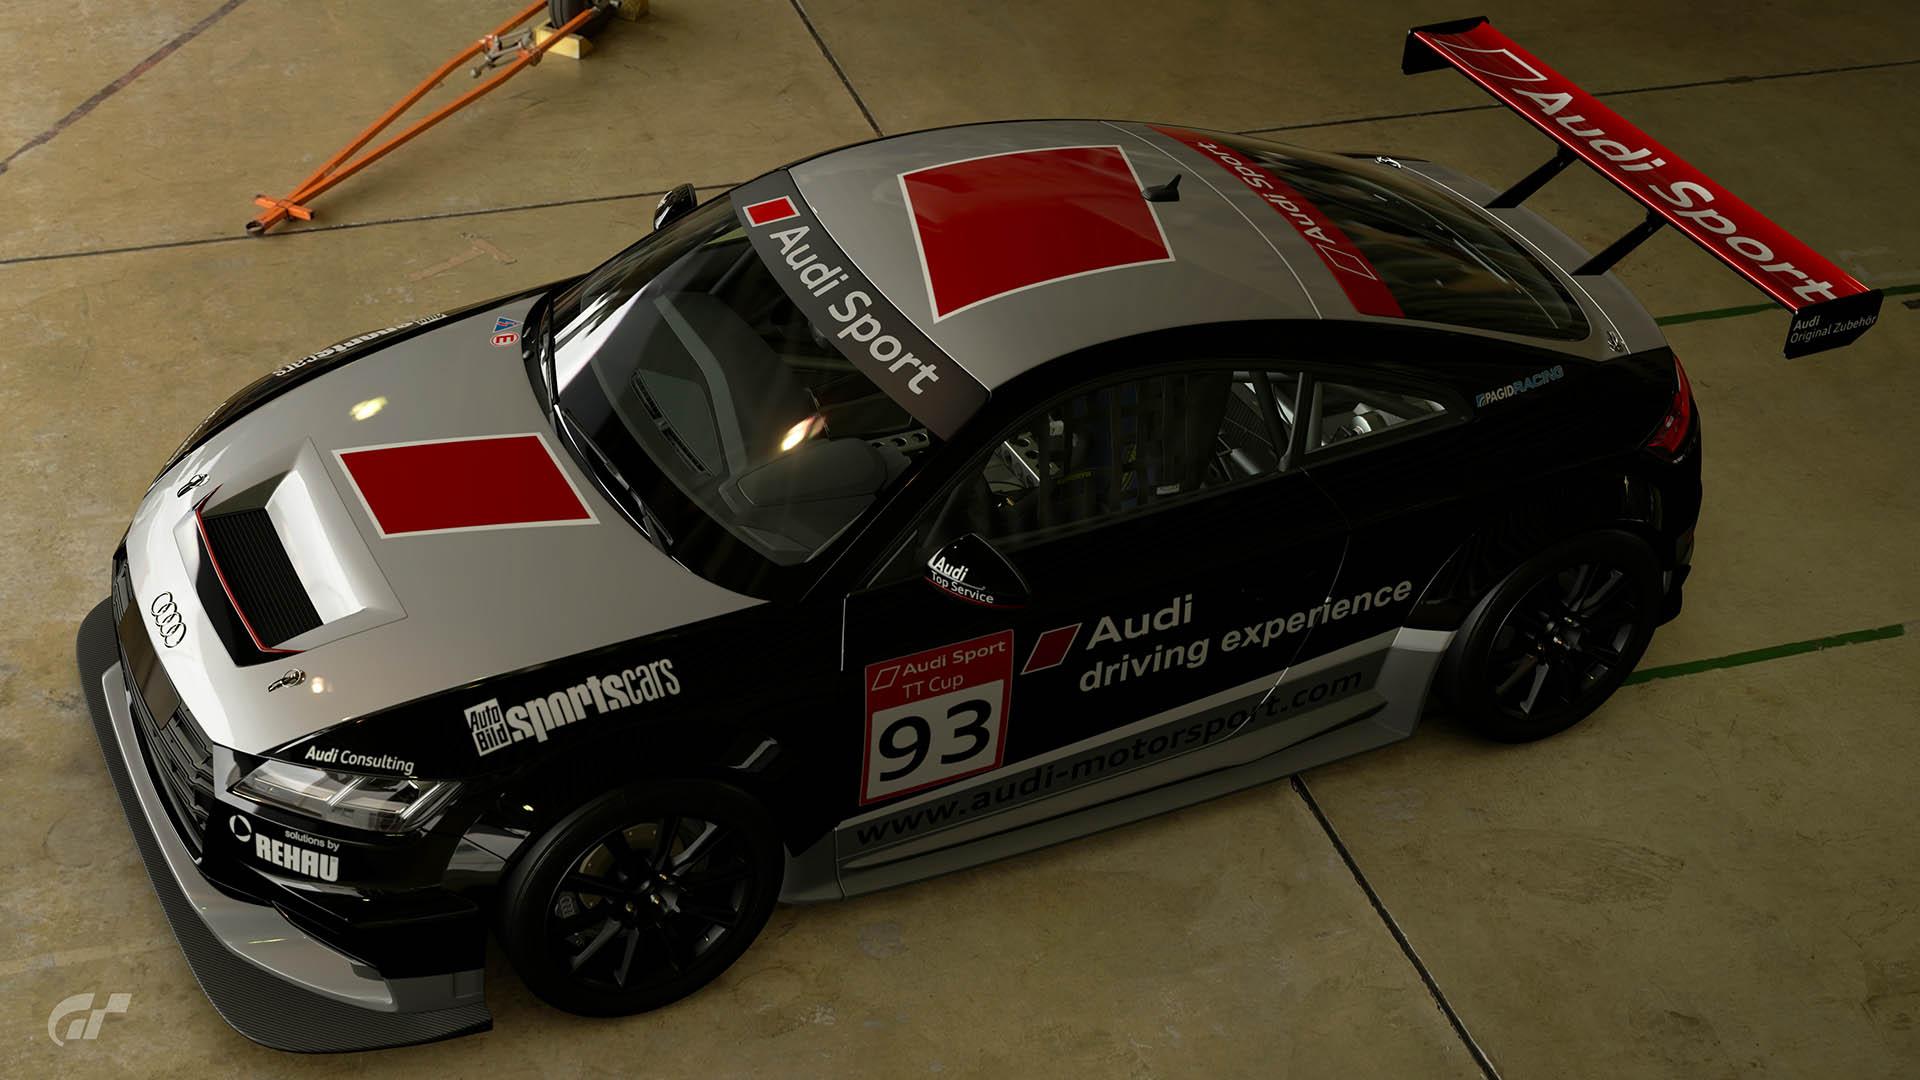 2015 Audi TT Cup #93 Guest Car